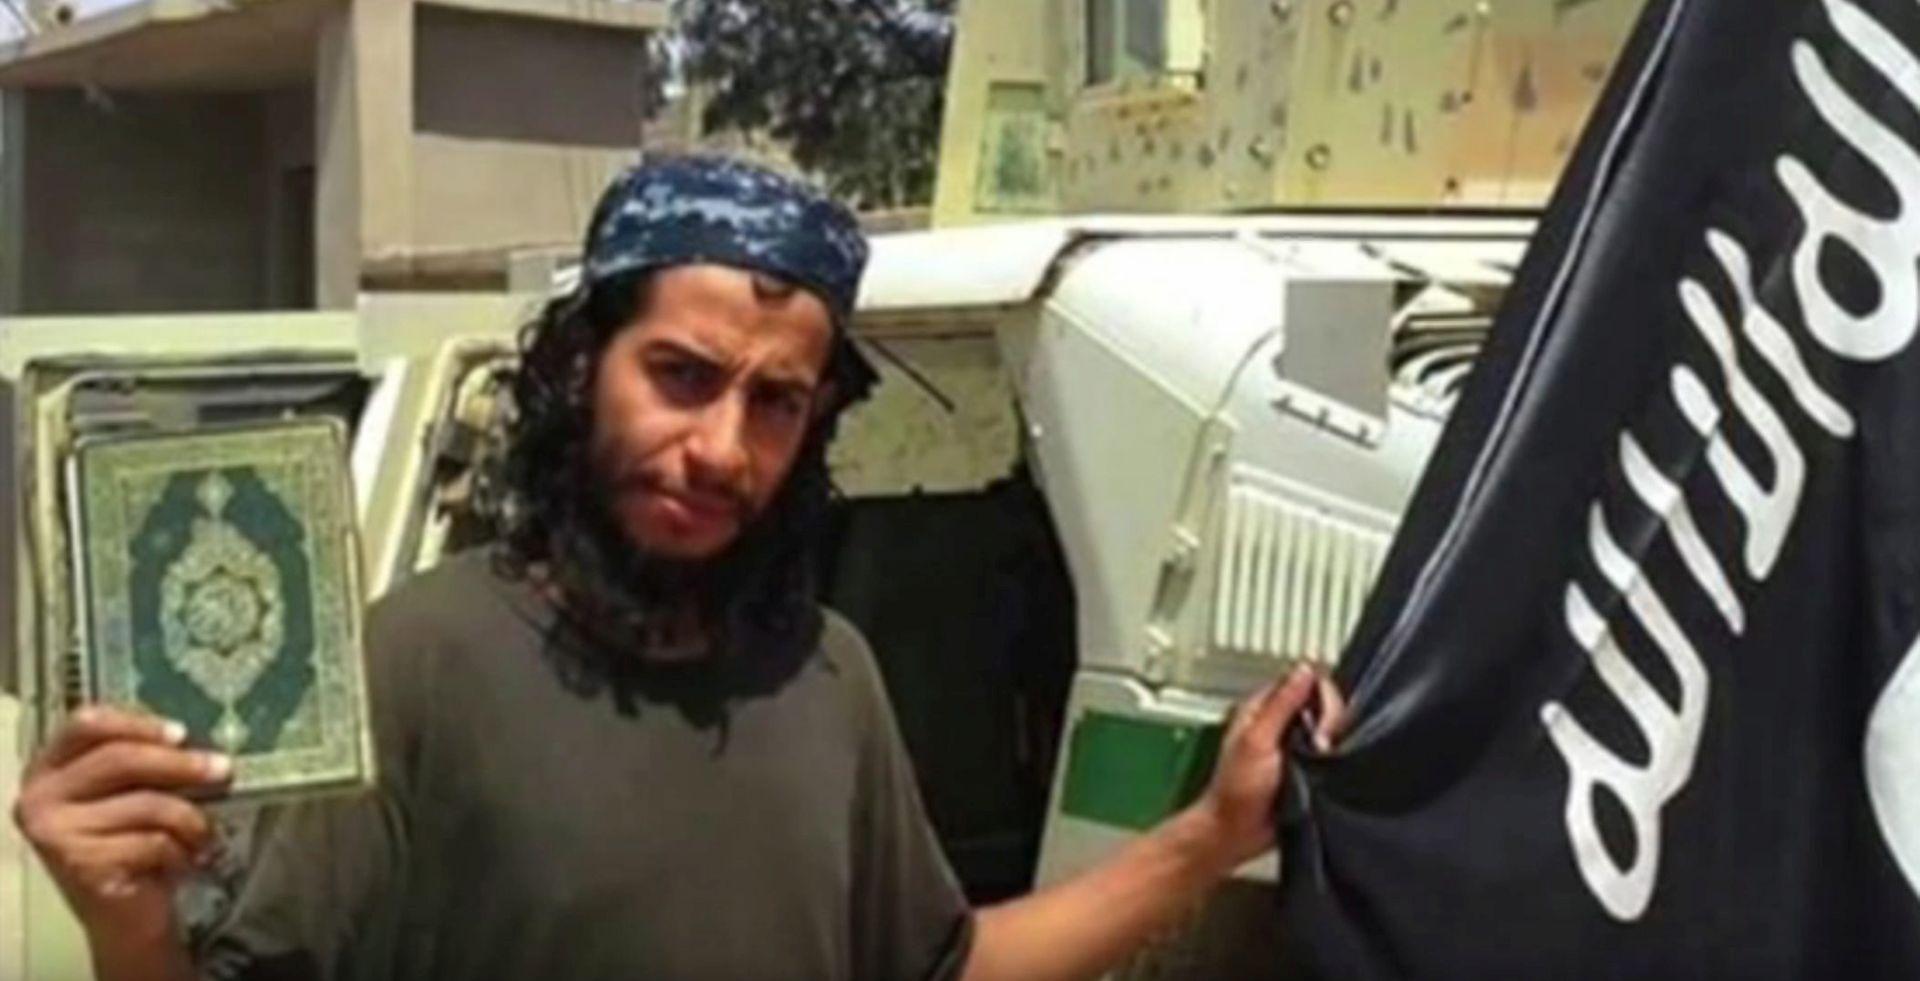 VELIKA POLICIJSKA AKCIJA U PARIZU Ubijen Abdelhamid Abaaoud, 'mozak' terorističkog napada na Pariz?